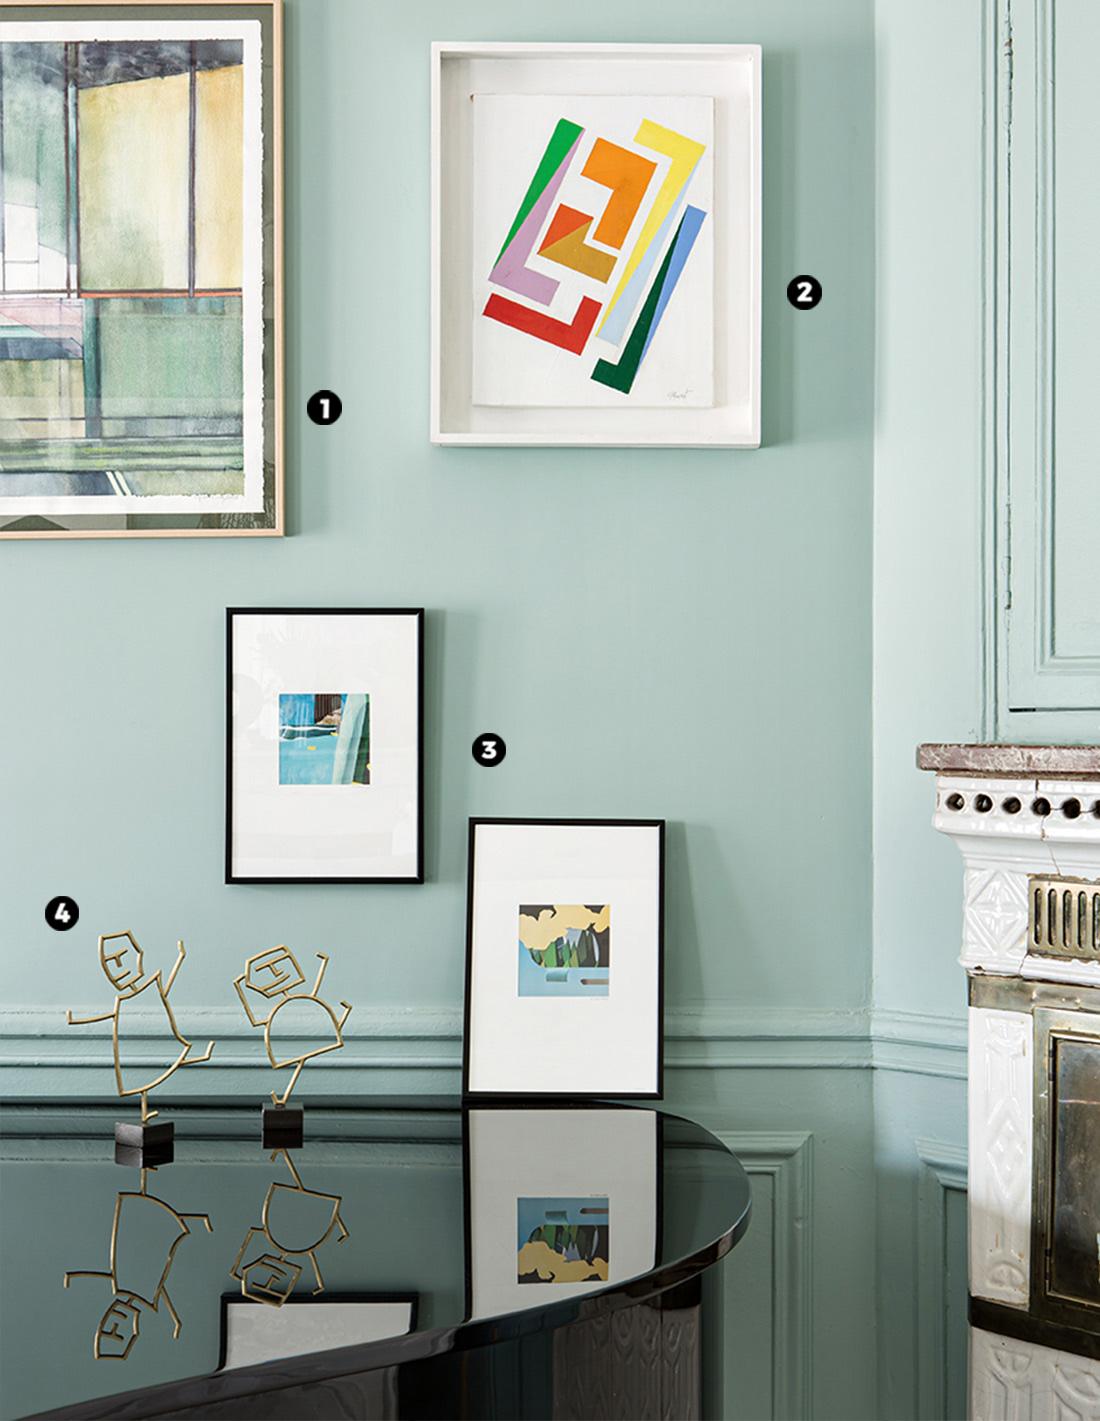 BE JAZZY - Salon avec piano et oeuvres Pascaline Sauzay et Joël Froment